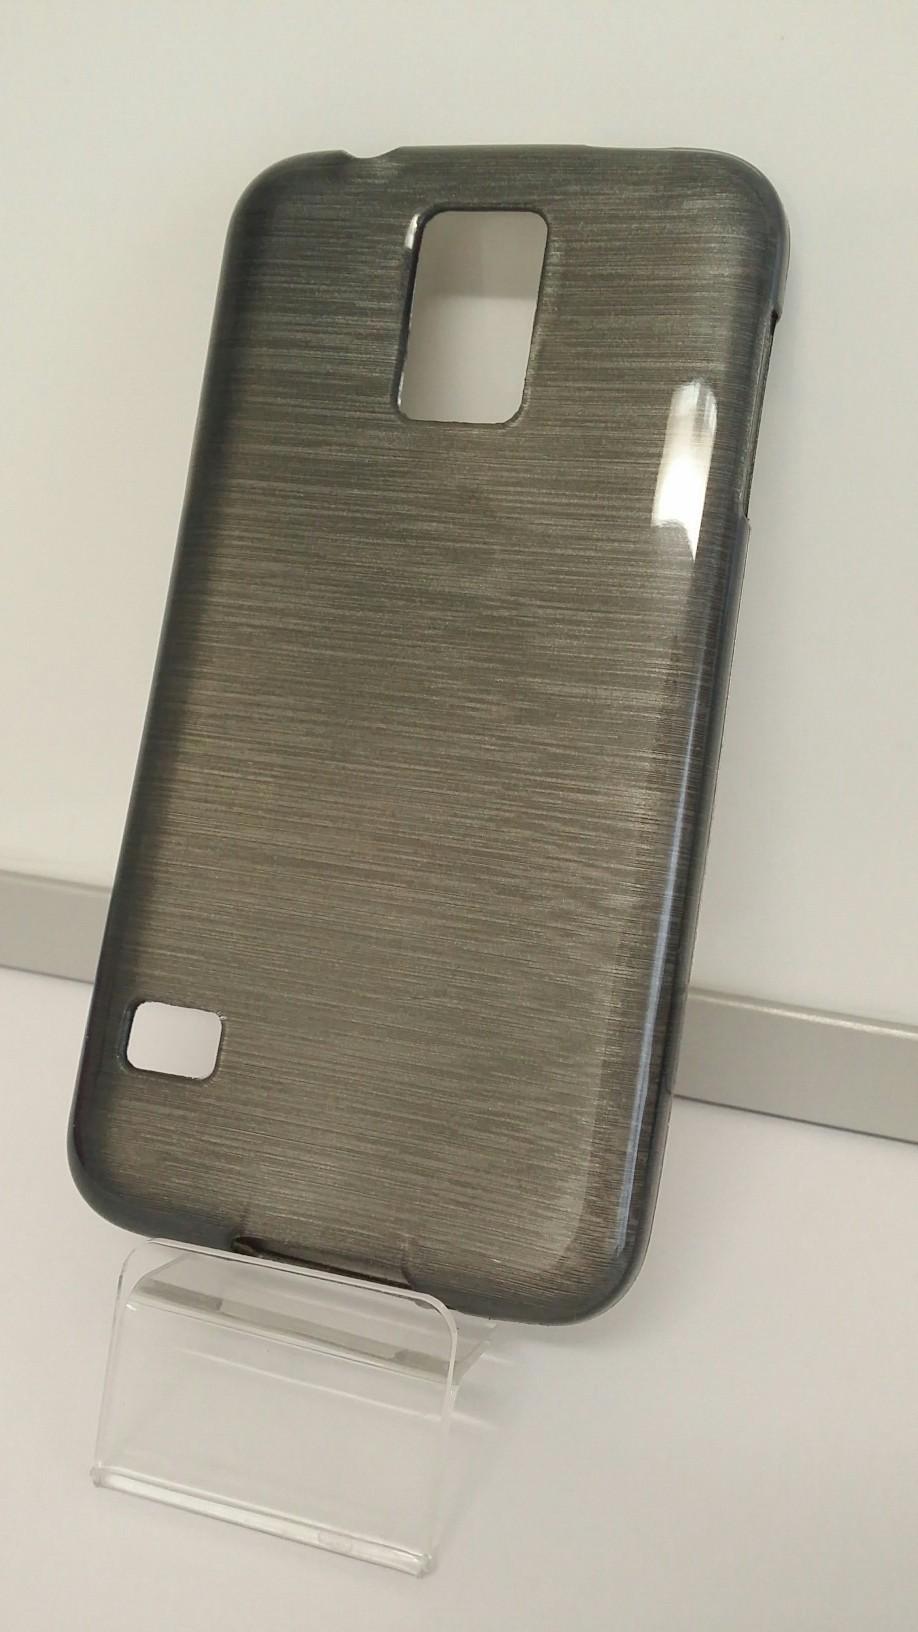 Jelly Case silikonový obal na mobil Samsung Galaxy S5 černý odstín metal